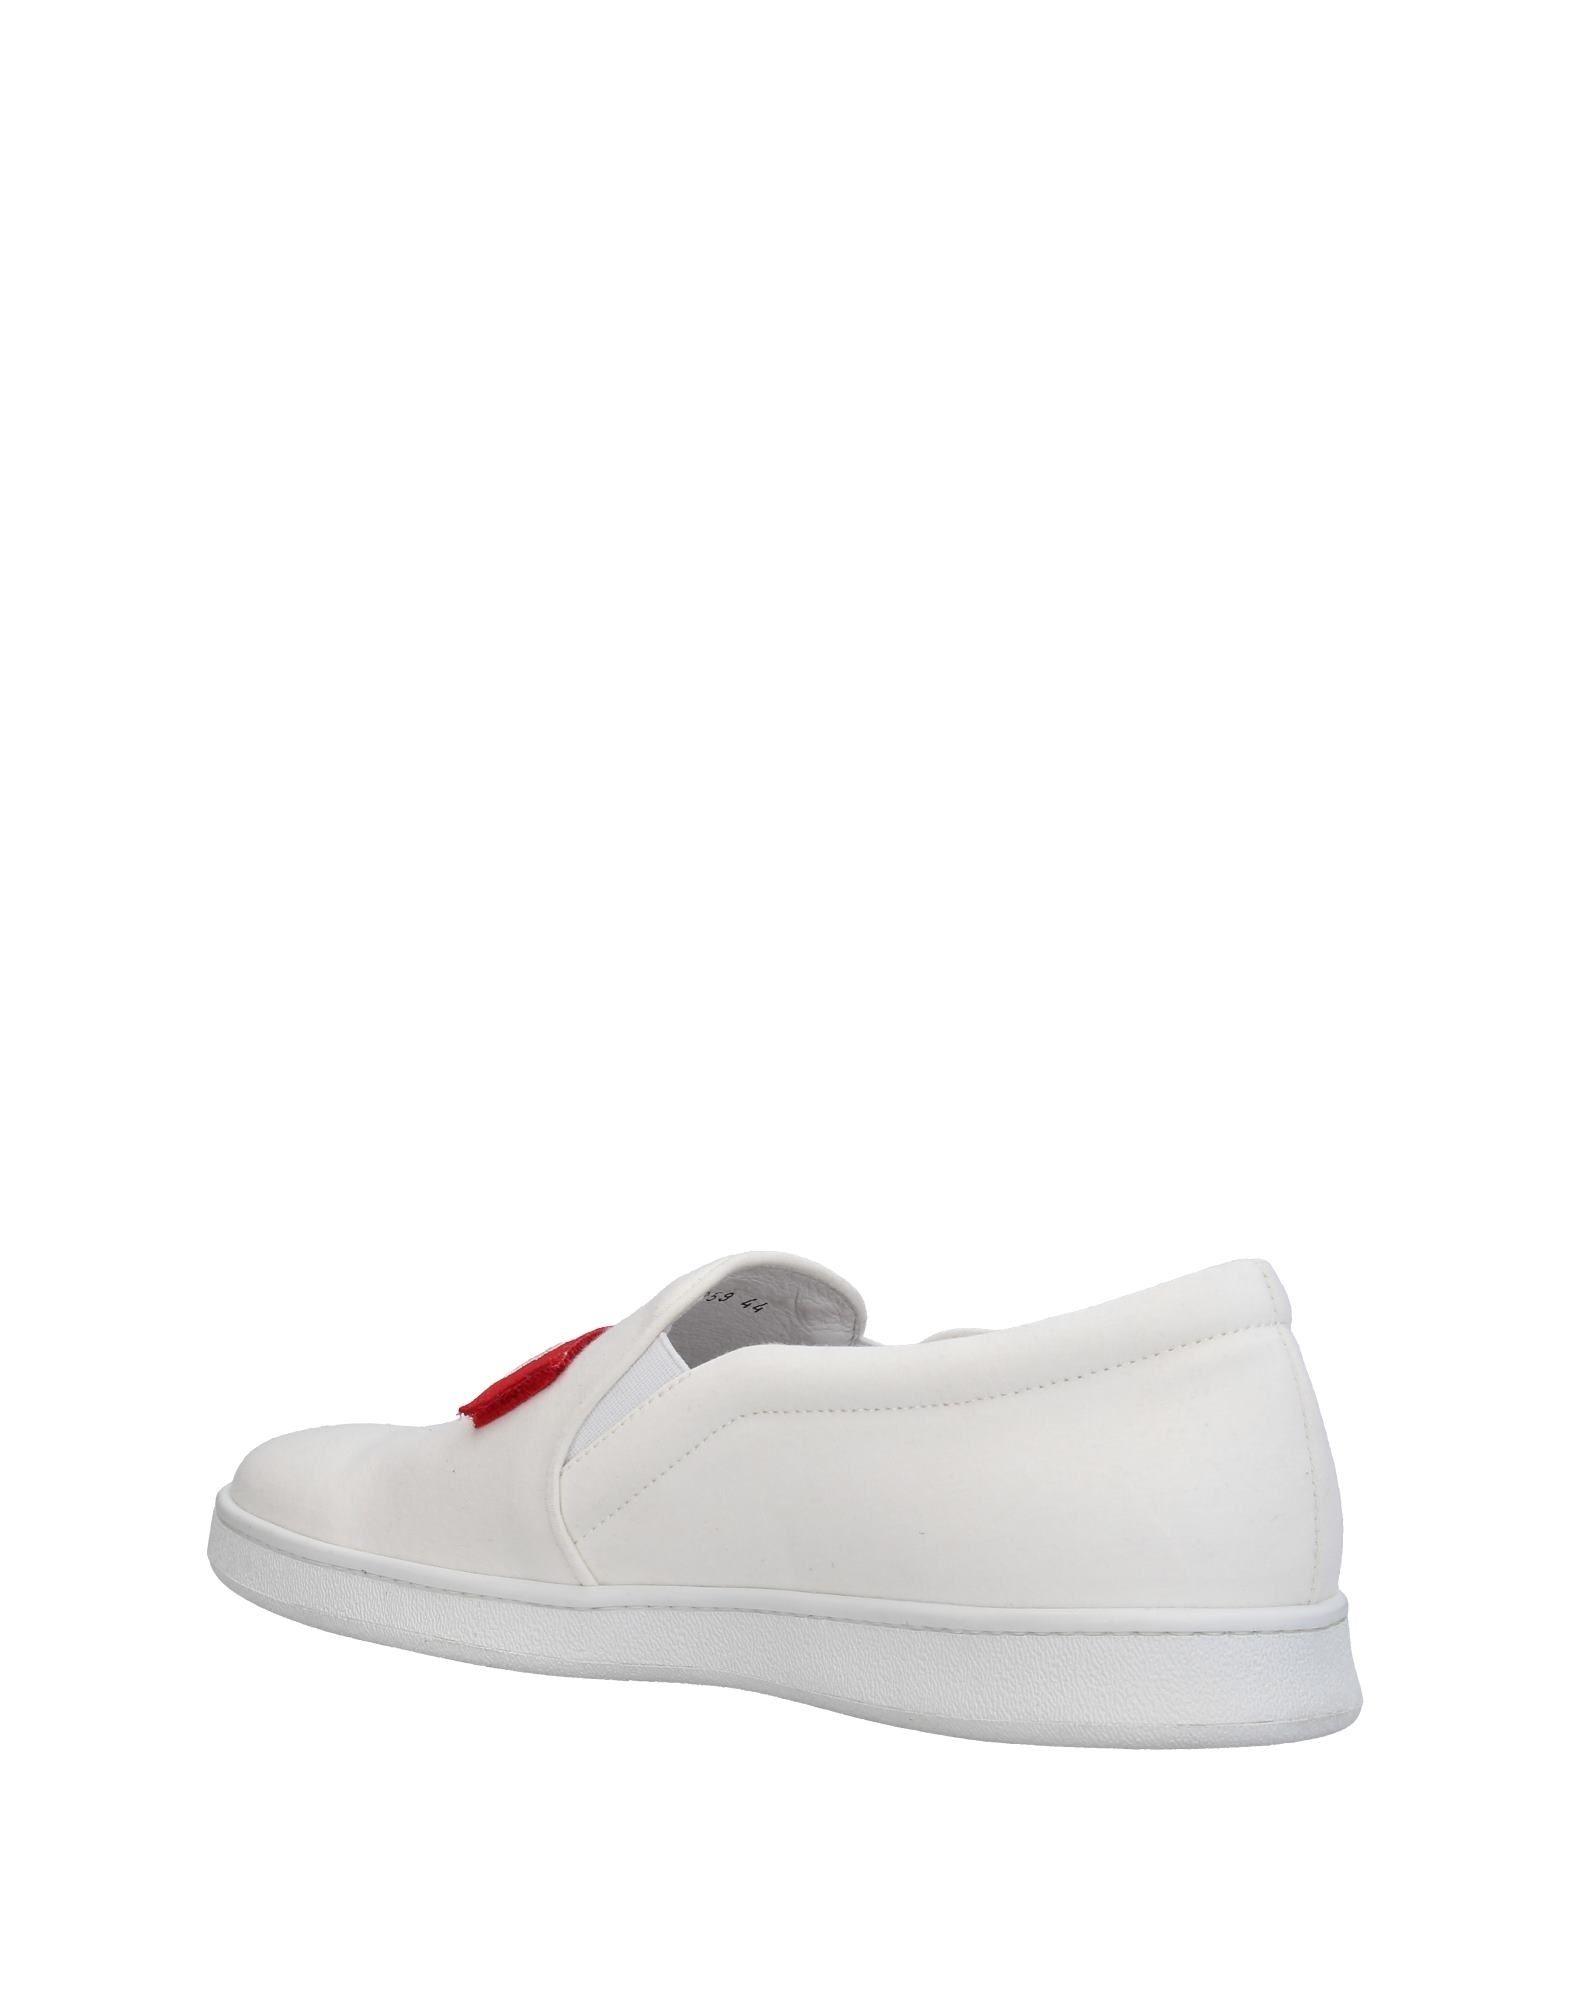 11406523WJ Joshua*S Sneakers Herren  11406523WJ  f92f1e